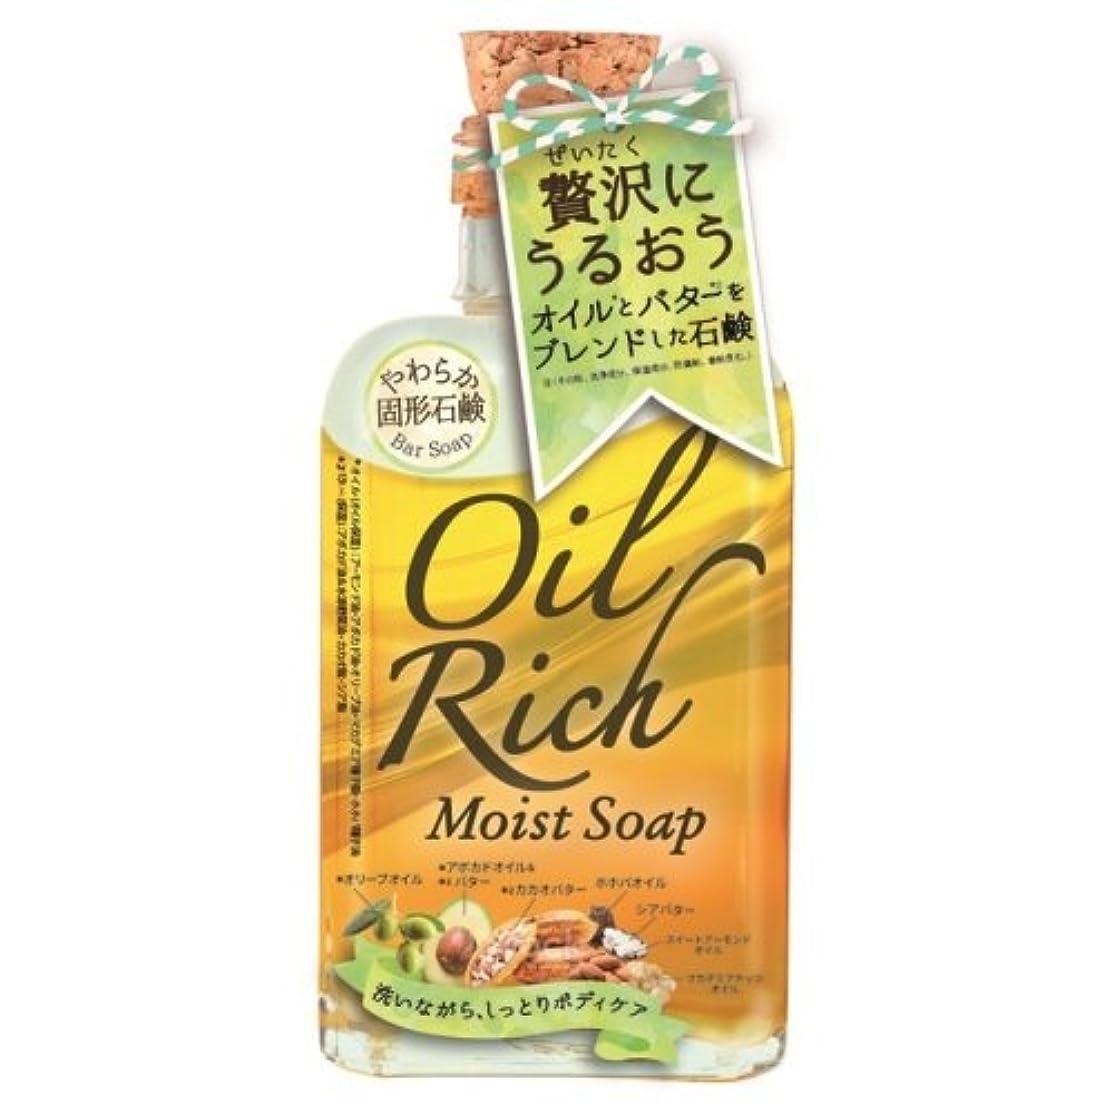 本物の取り消す素晴らしいですペリカン石鹸 オイルリッチモイストソープ 135g